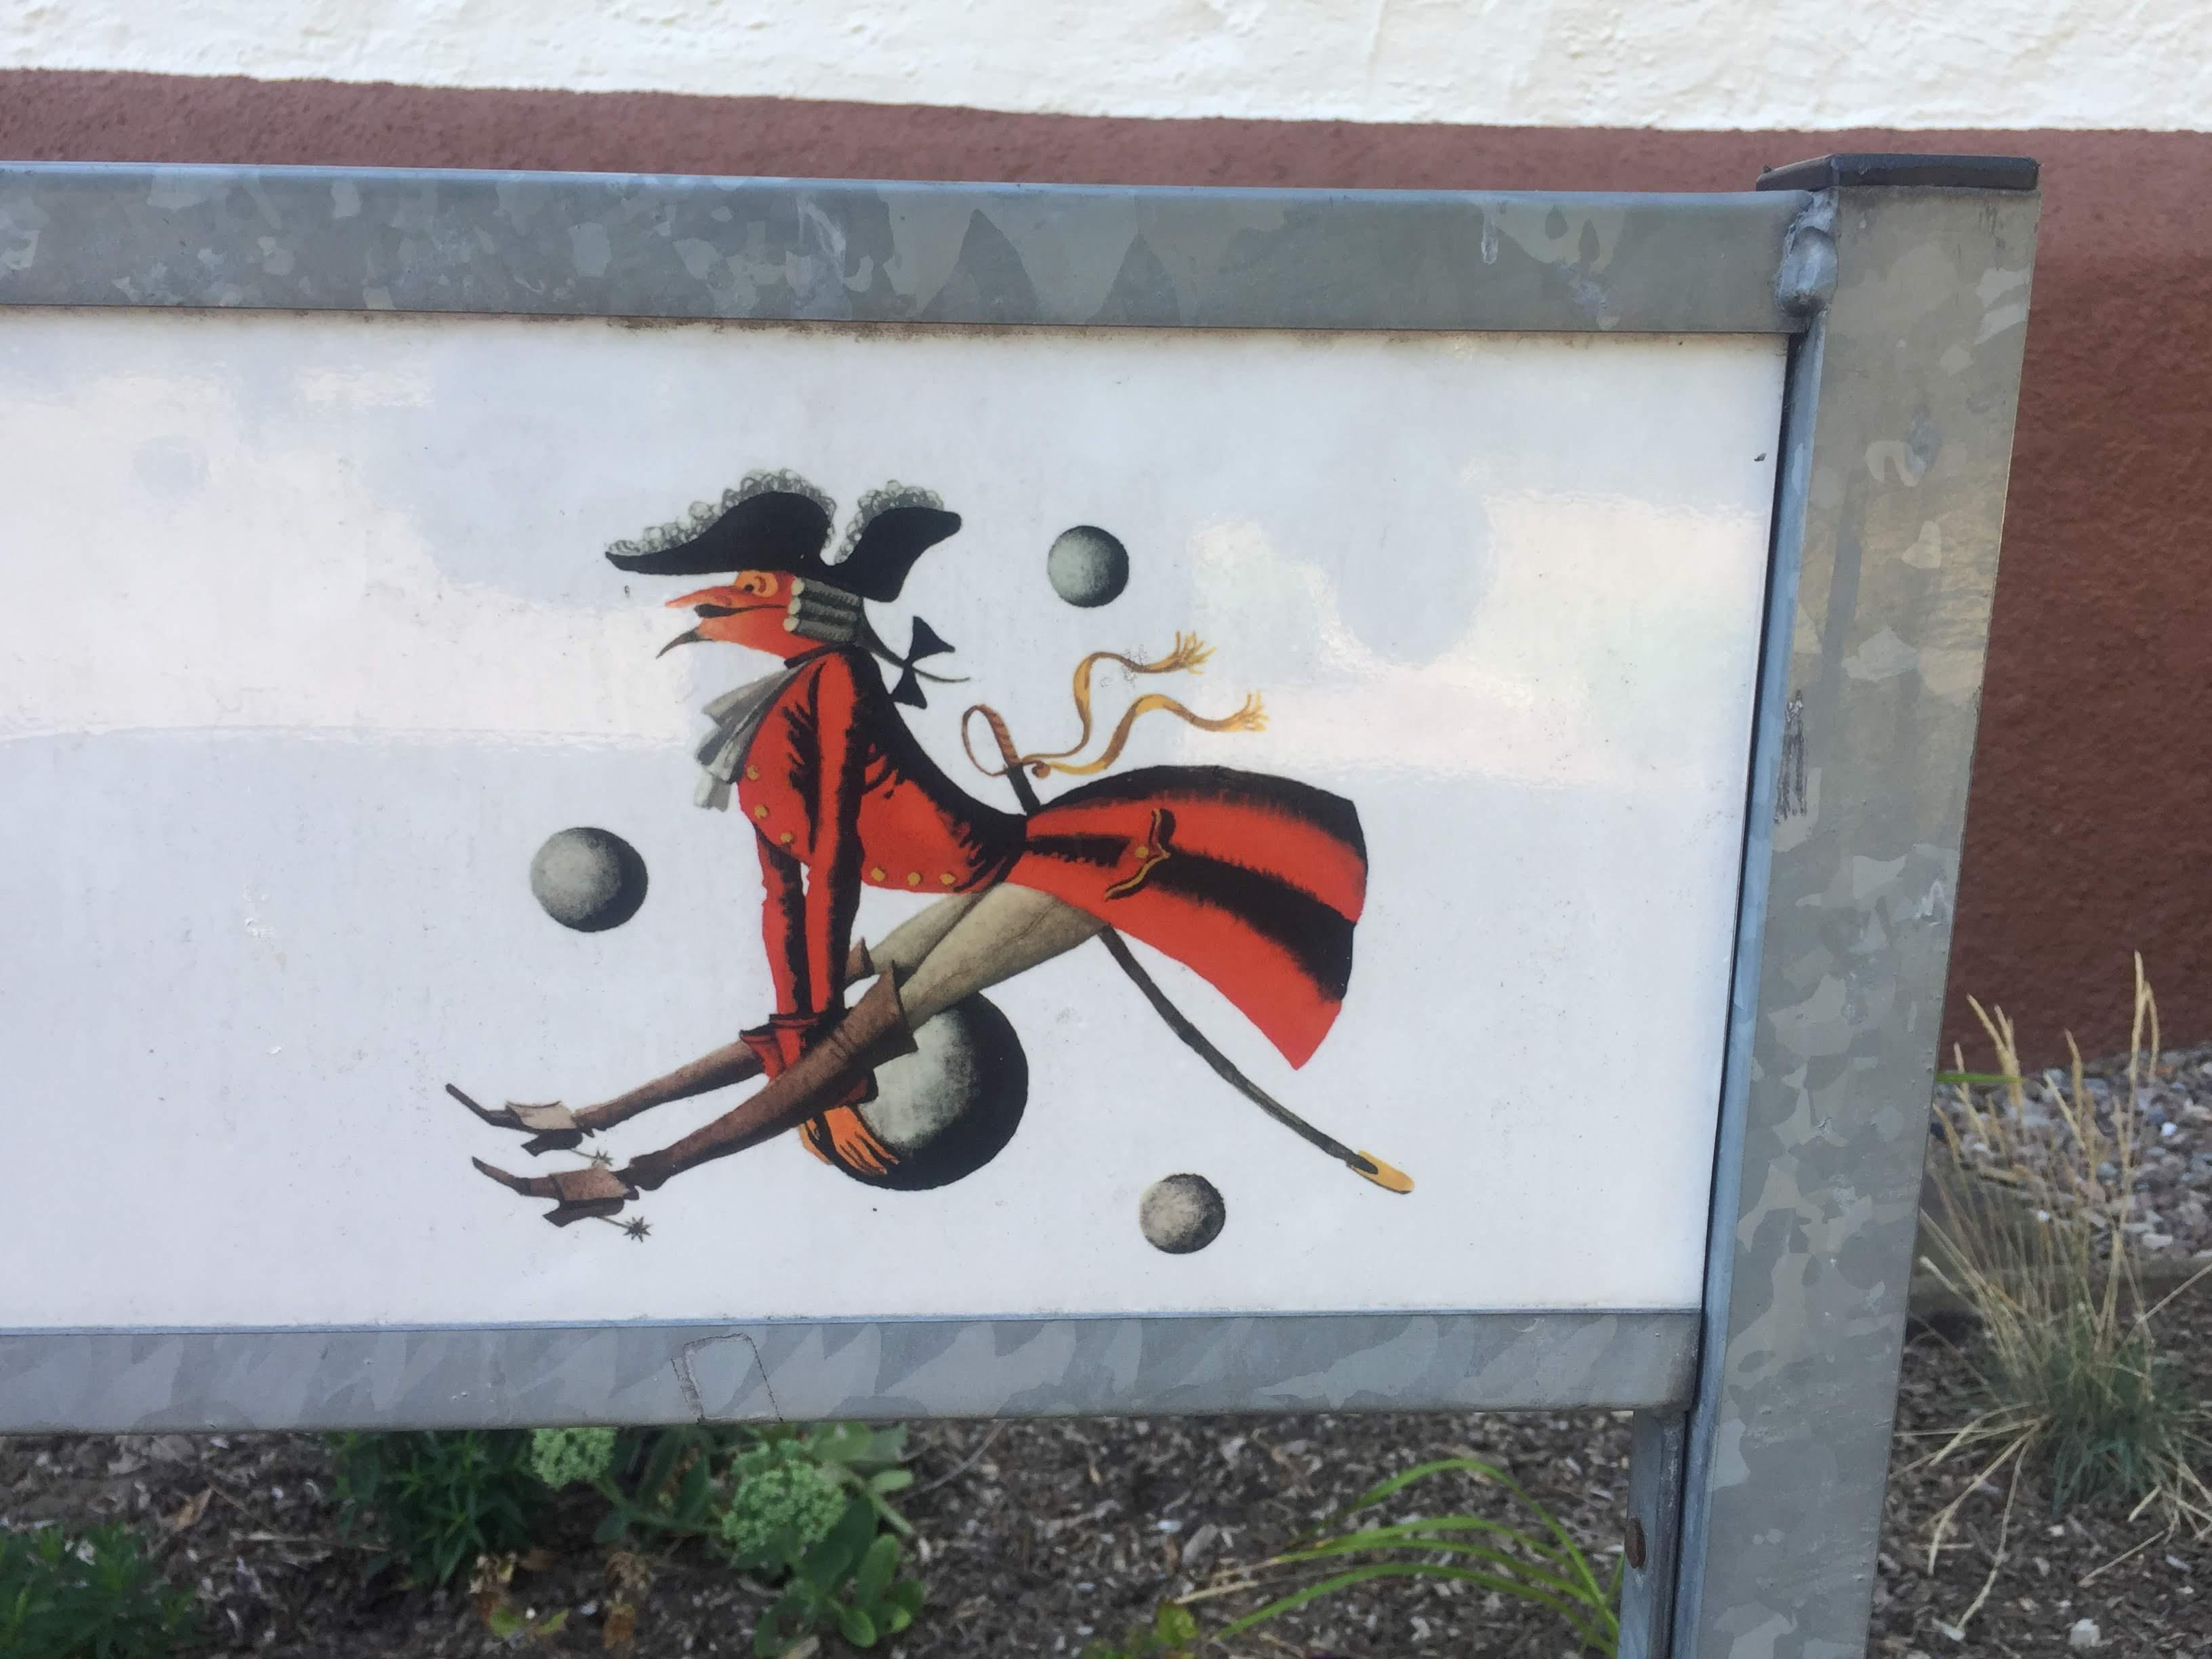 'Fantast' Von Münchhausen, de 'leugenbaron' die zichzelf serieus nam